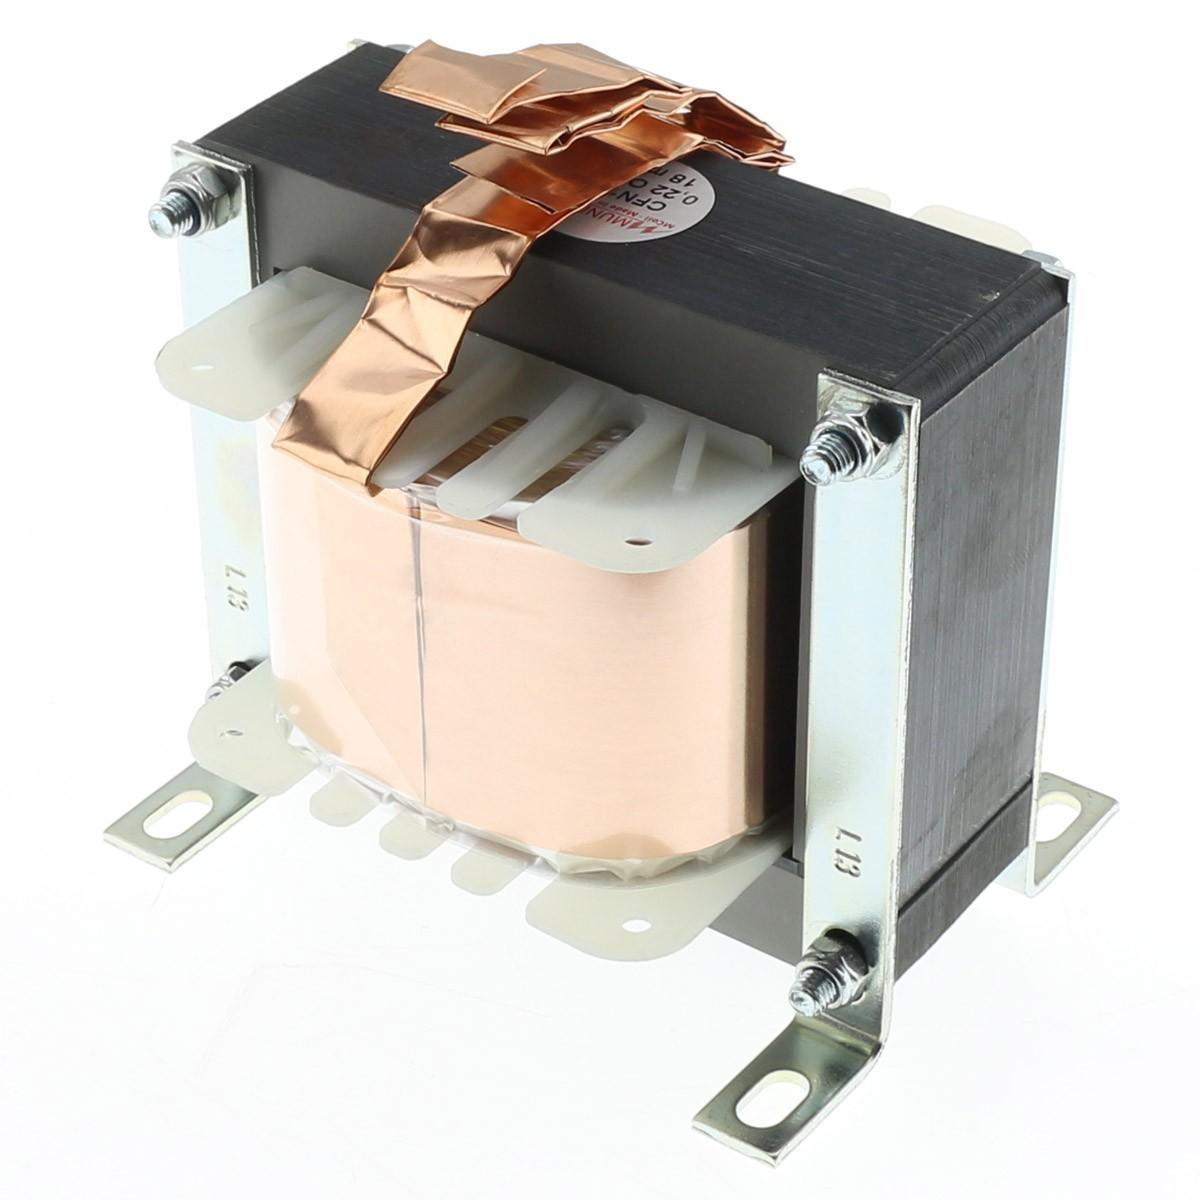 MUNDORF CFN14 Copper Foil Ferron Core Coil Zero-Ohm 2.7mH